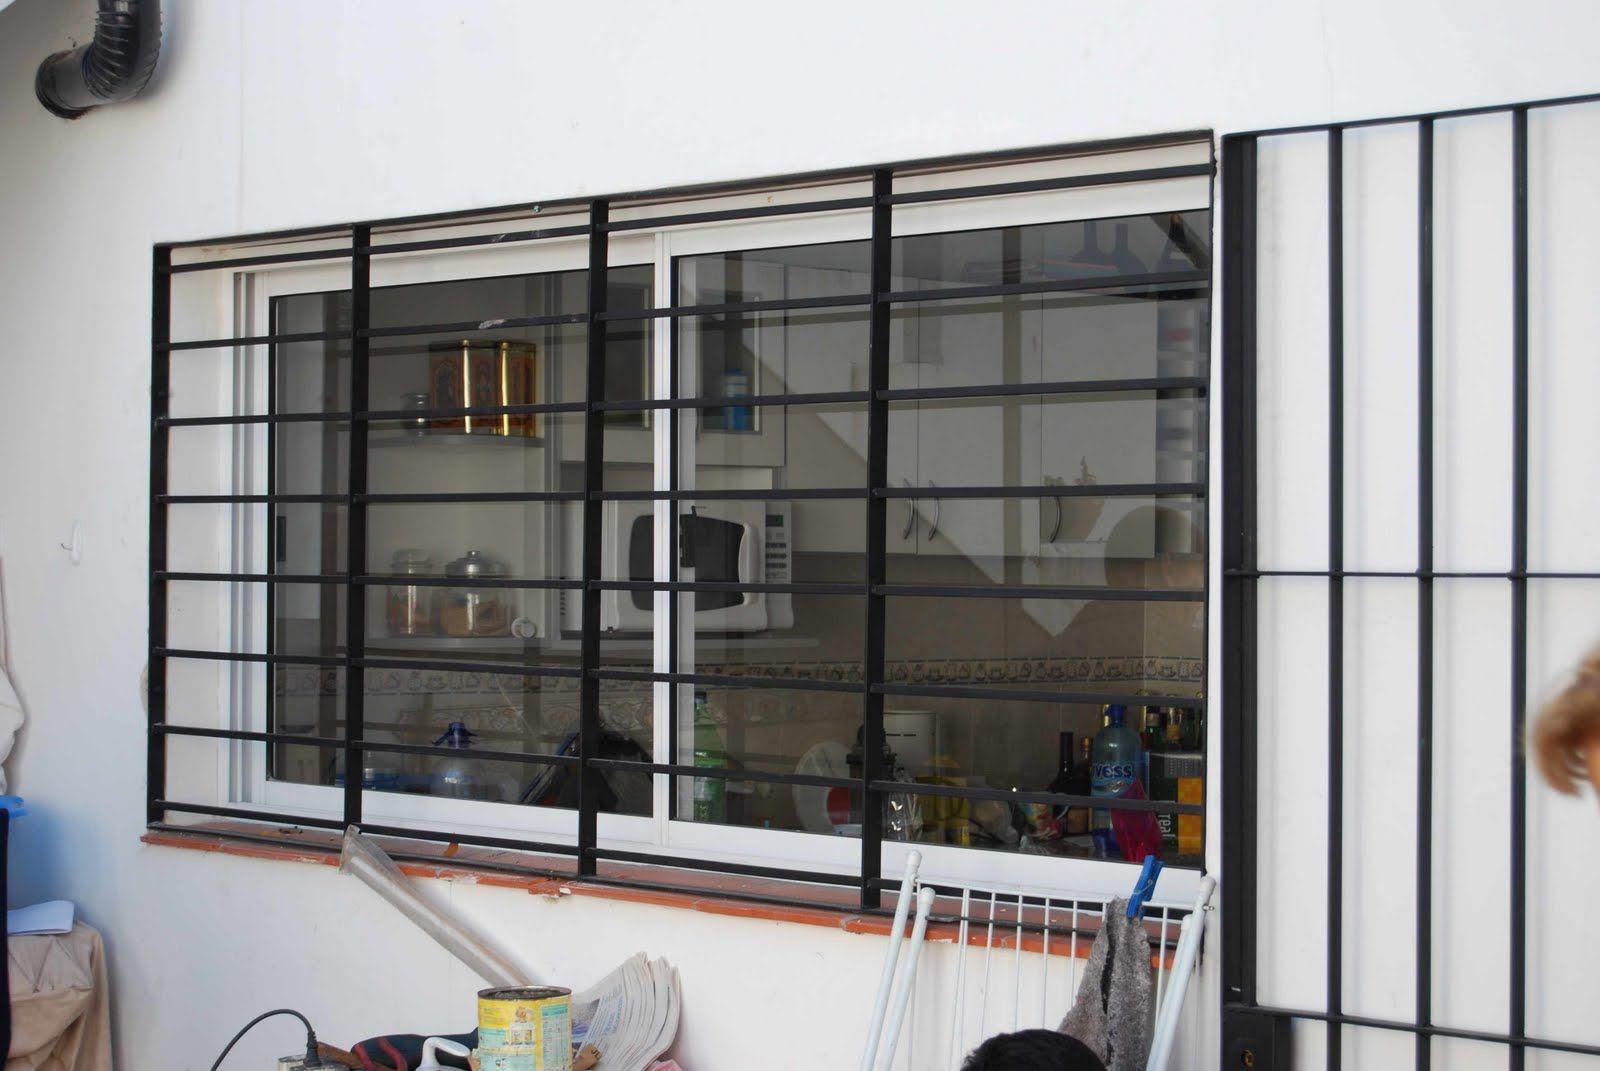 Rejas horizontales   Rejas ventanas   Pinterest   Rejas, Rejas ...